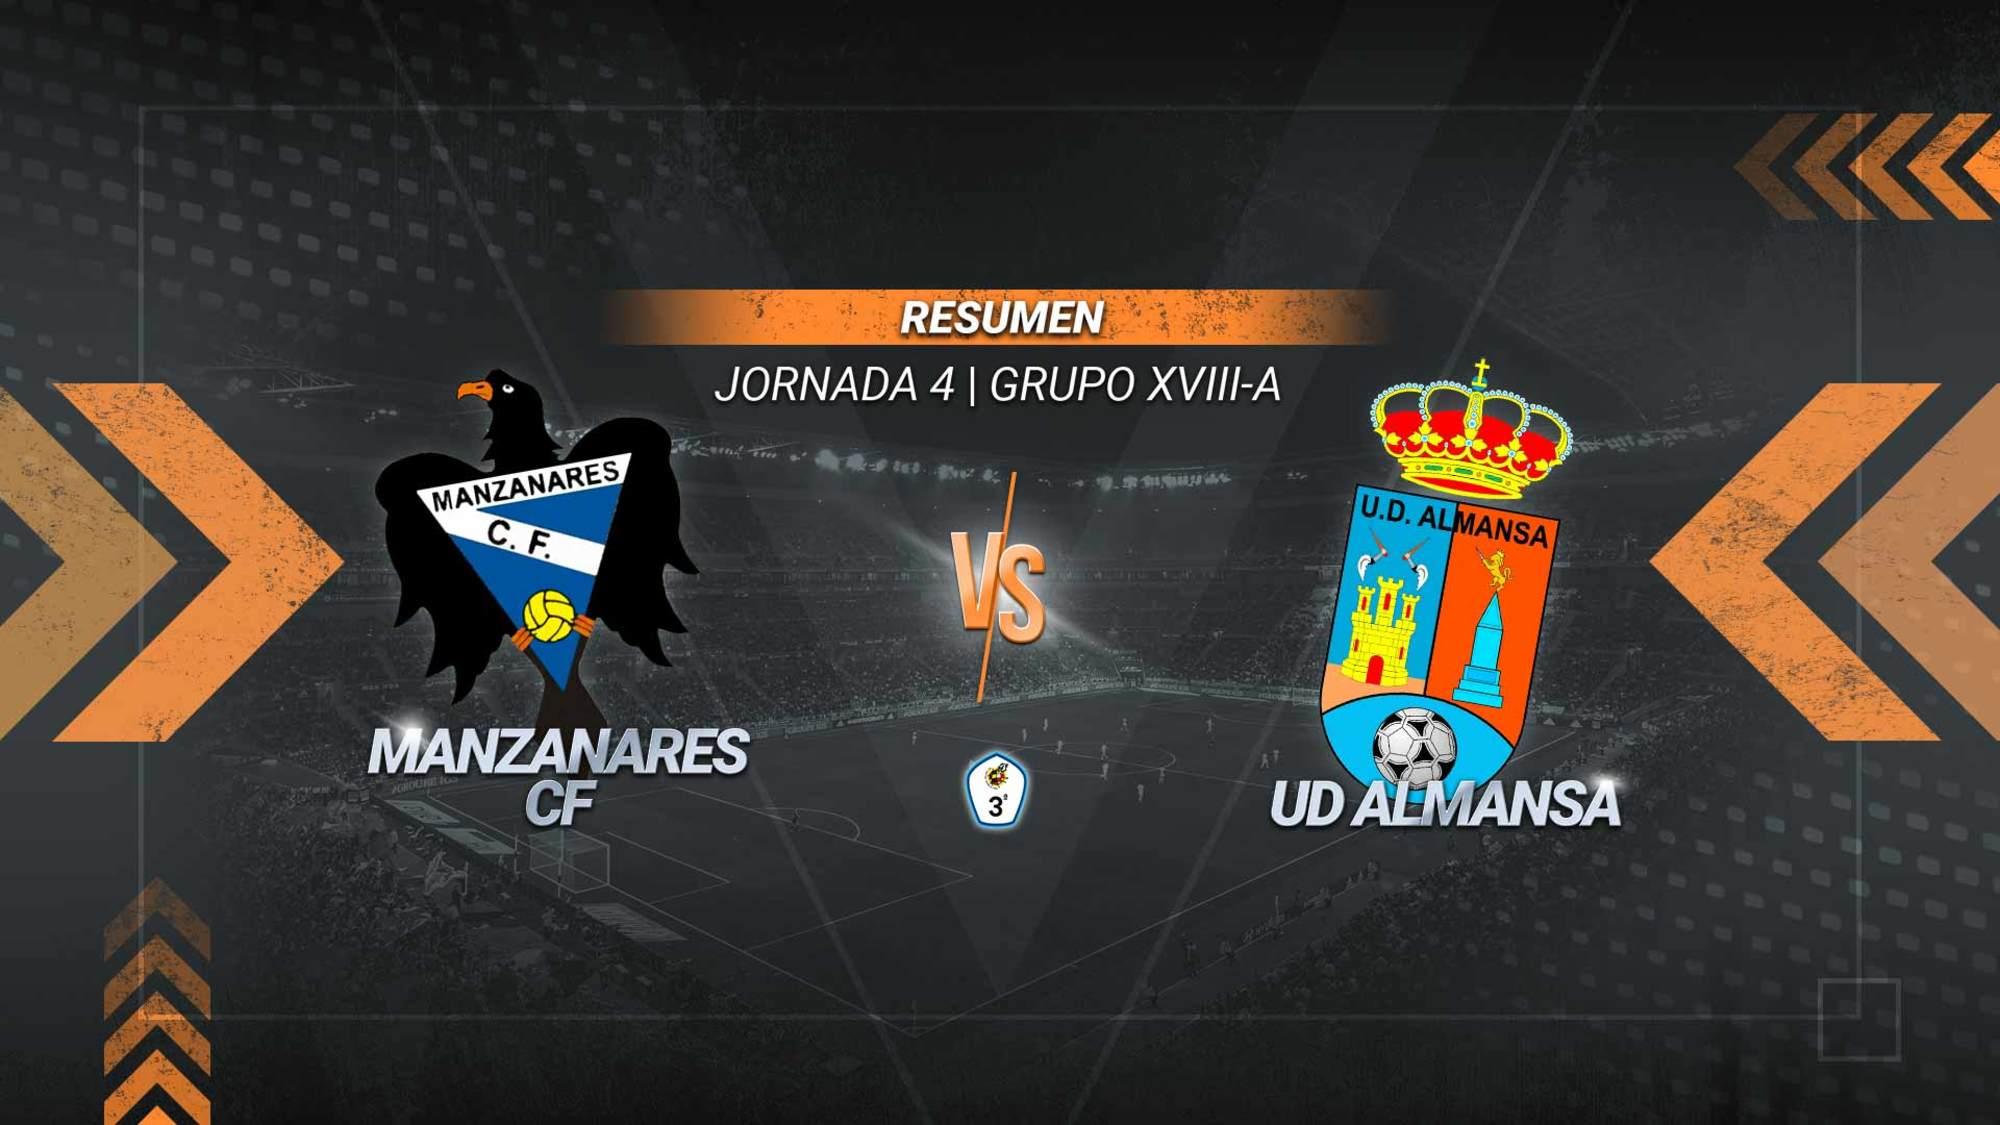 El Almansa conquista el José Camacho y suma la segunda victoria de la temporada. El gol de Paco Septién provoca además la cuarta derrota del Manzanares.